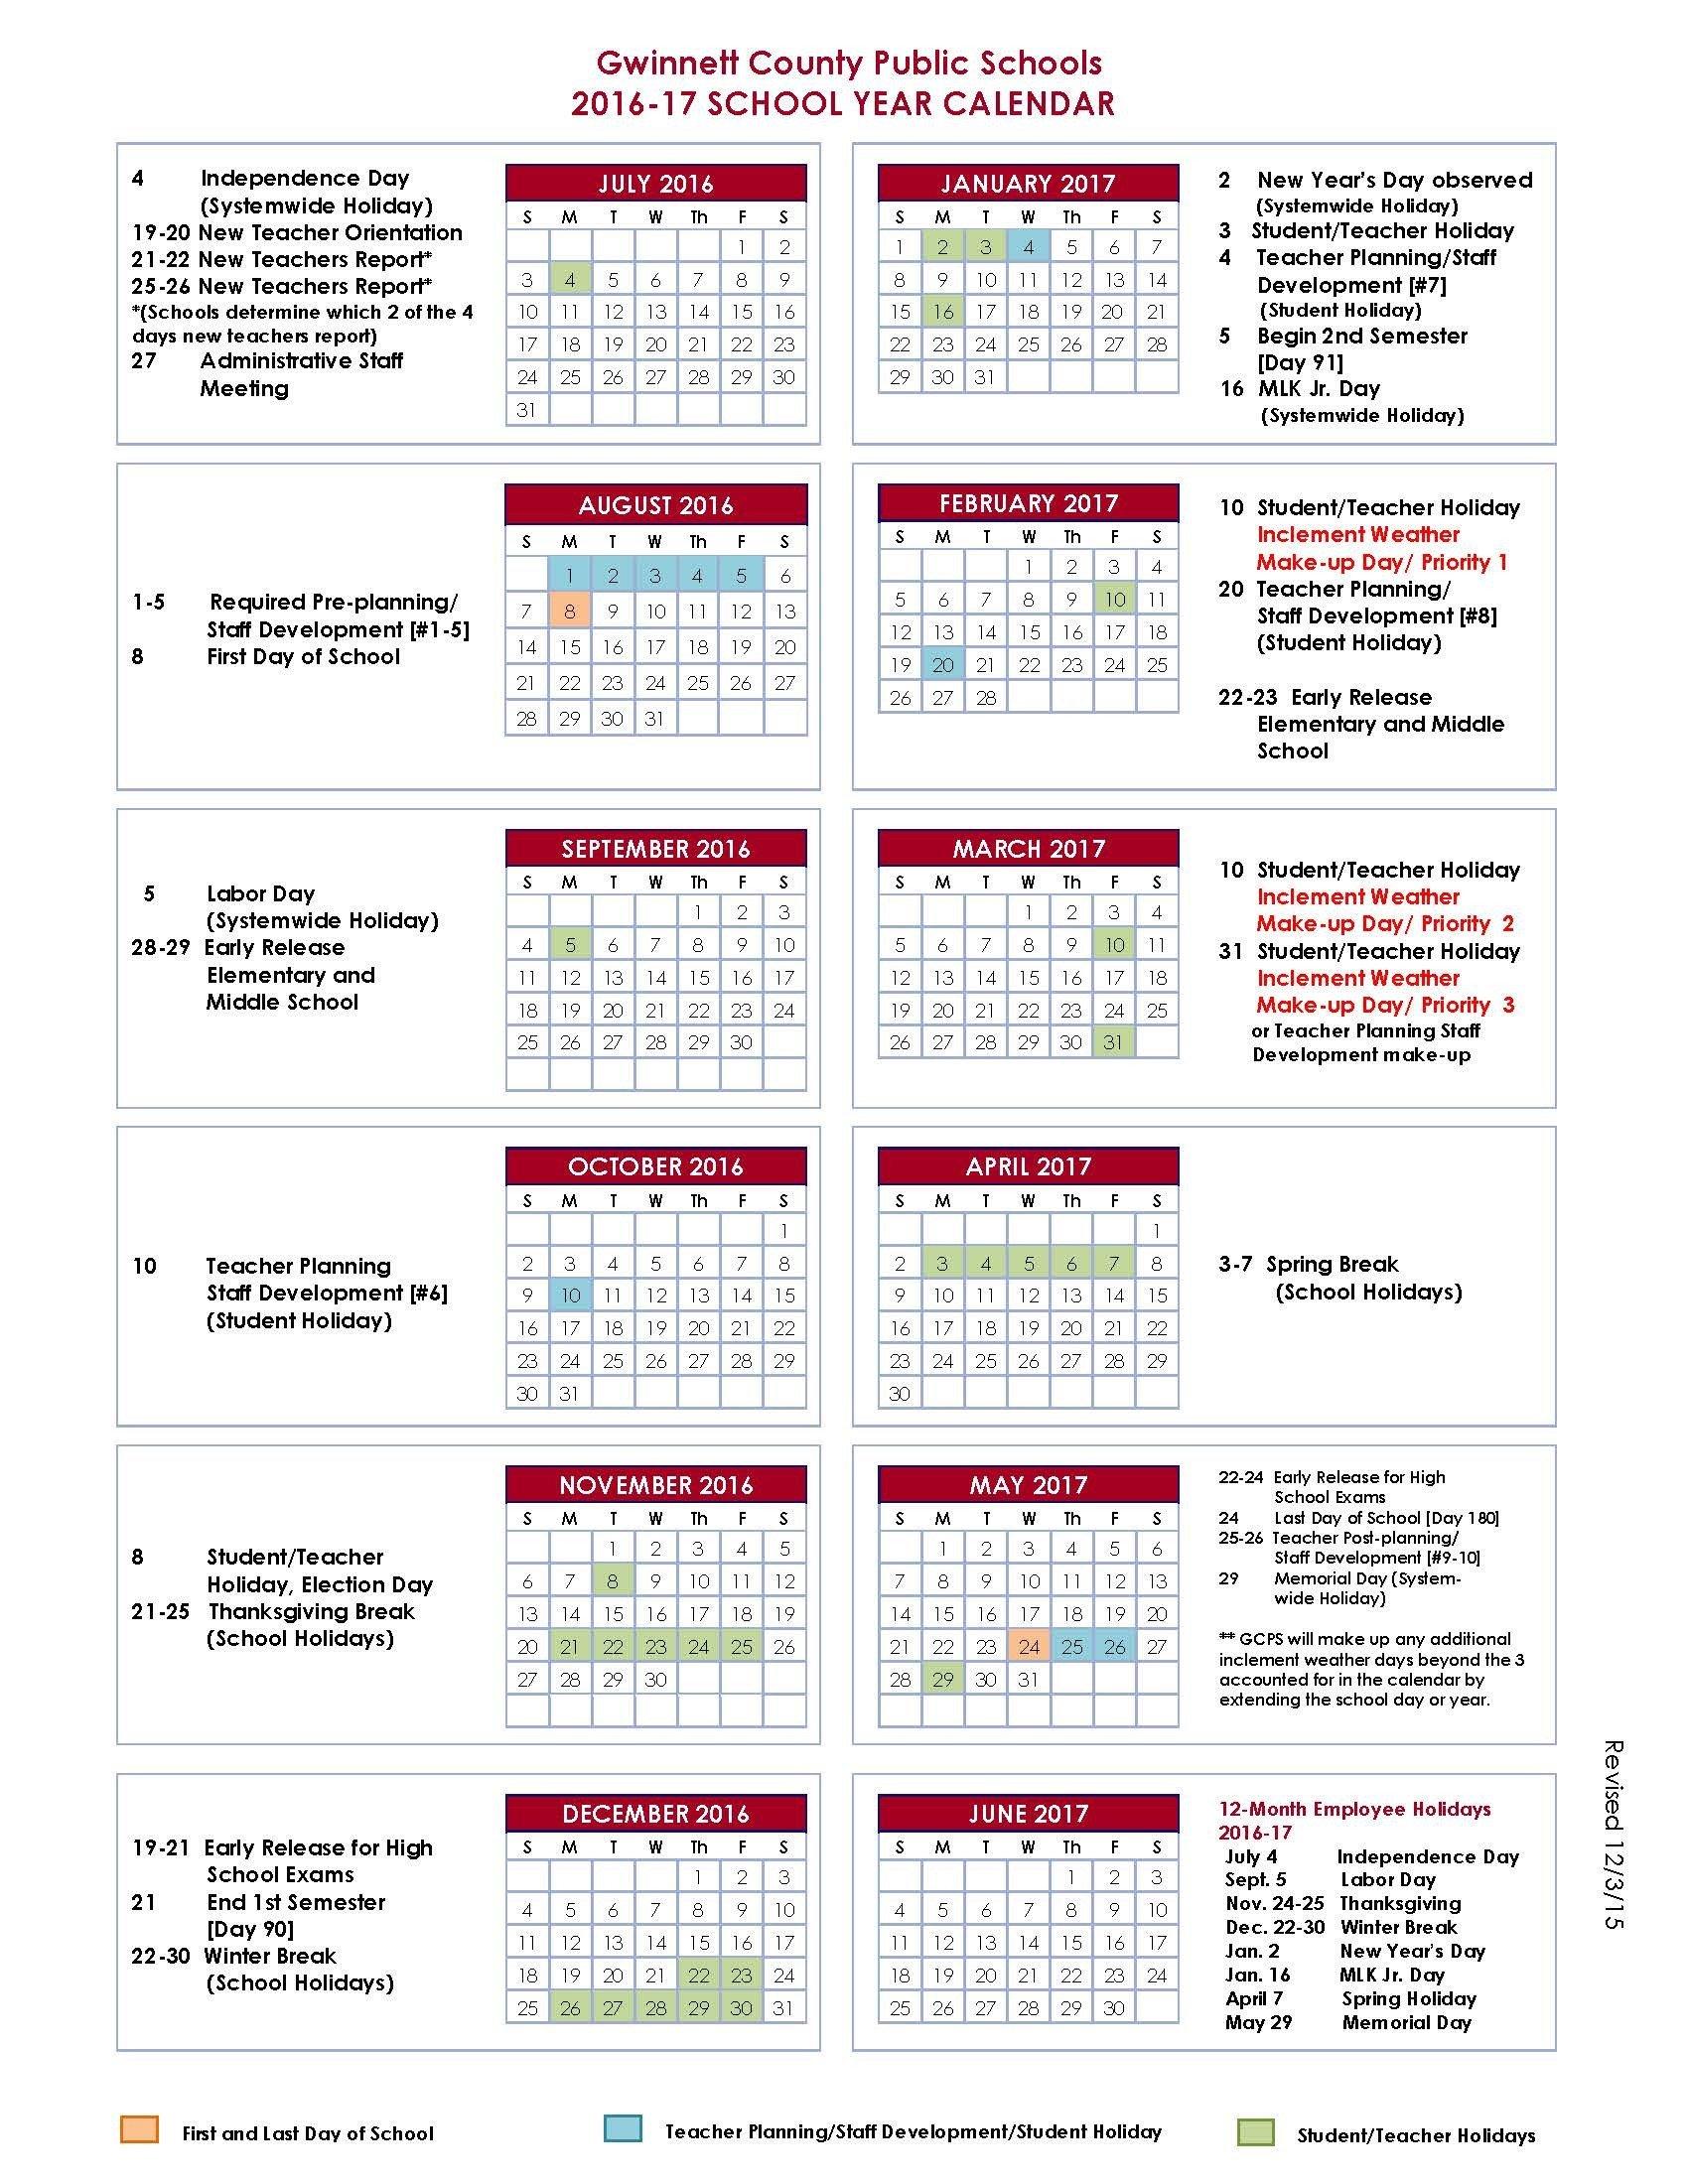 16 Gwinnett County Schools Calendar | Nicegalleries Gwinnett County School Calendar 2019 20